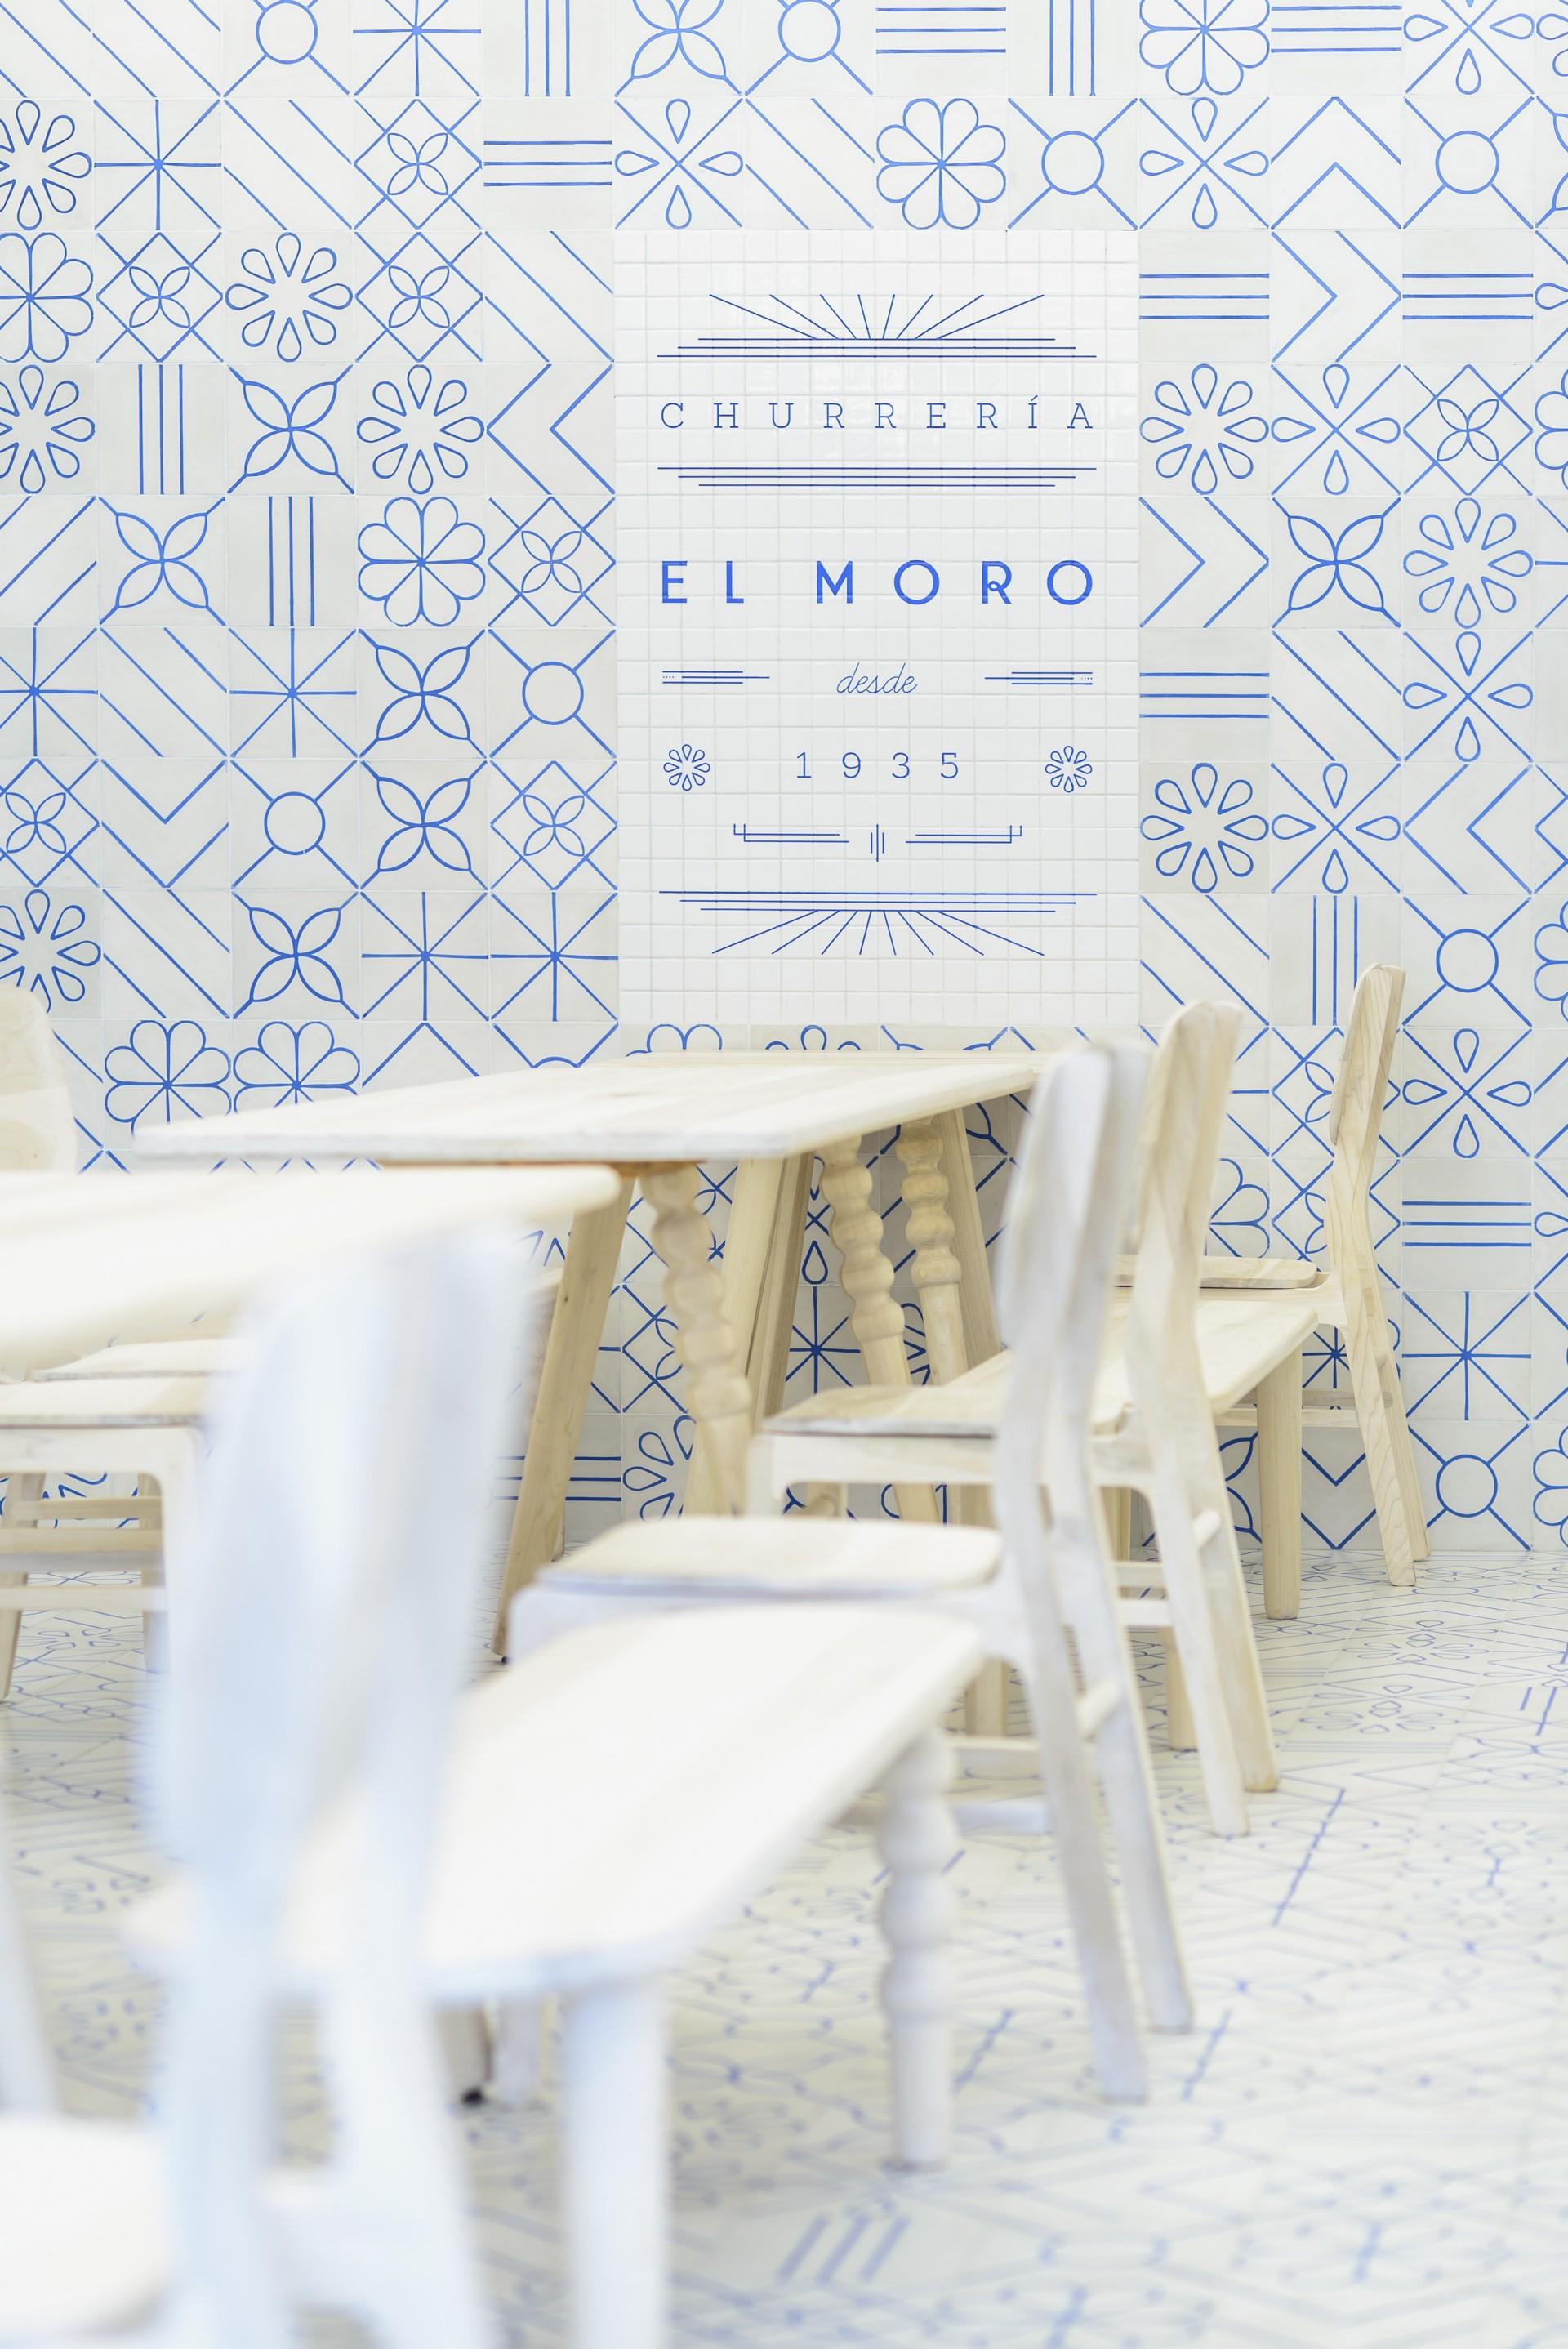 Cadena Asociados für El Moro, Churros desde 1935